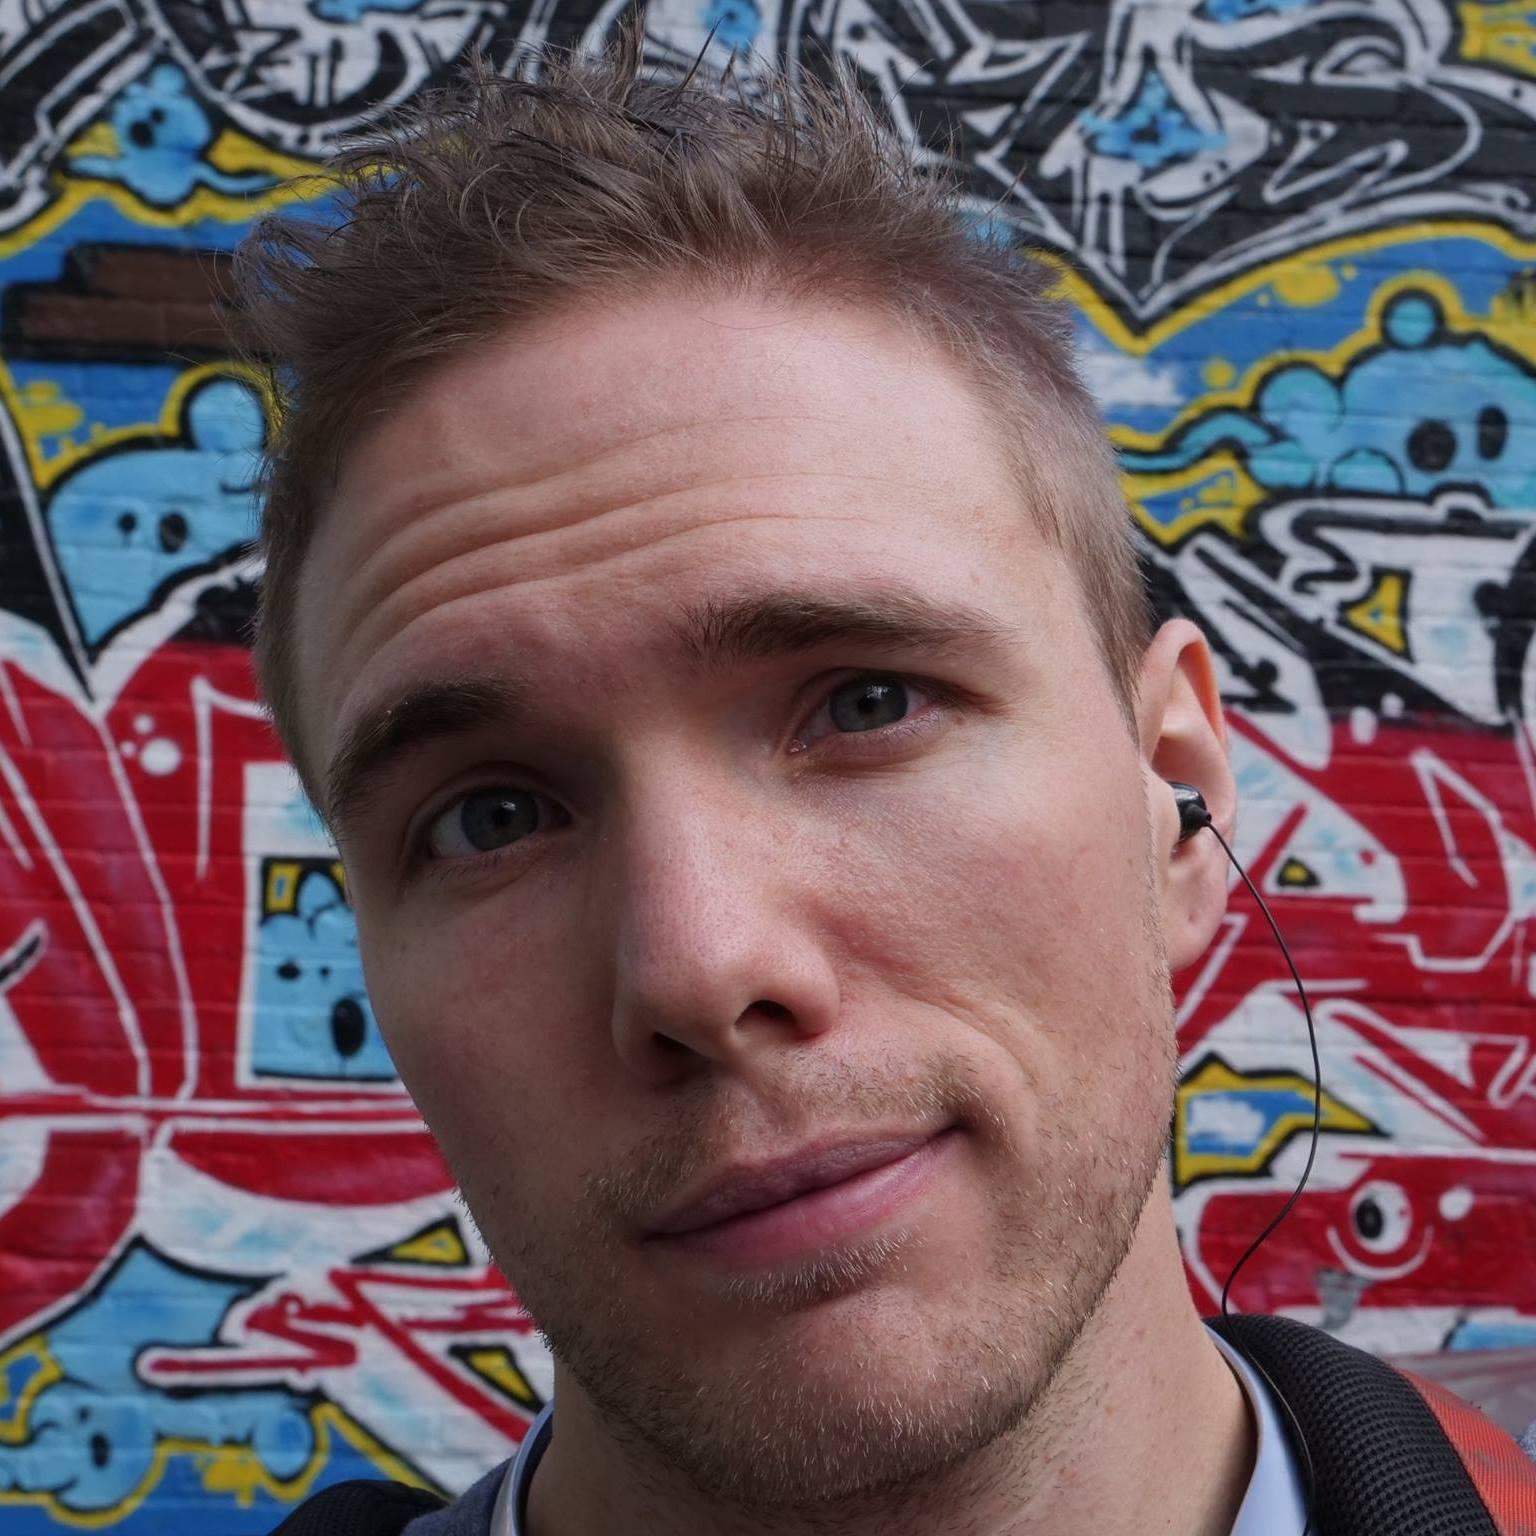 Joshua Fluke